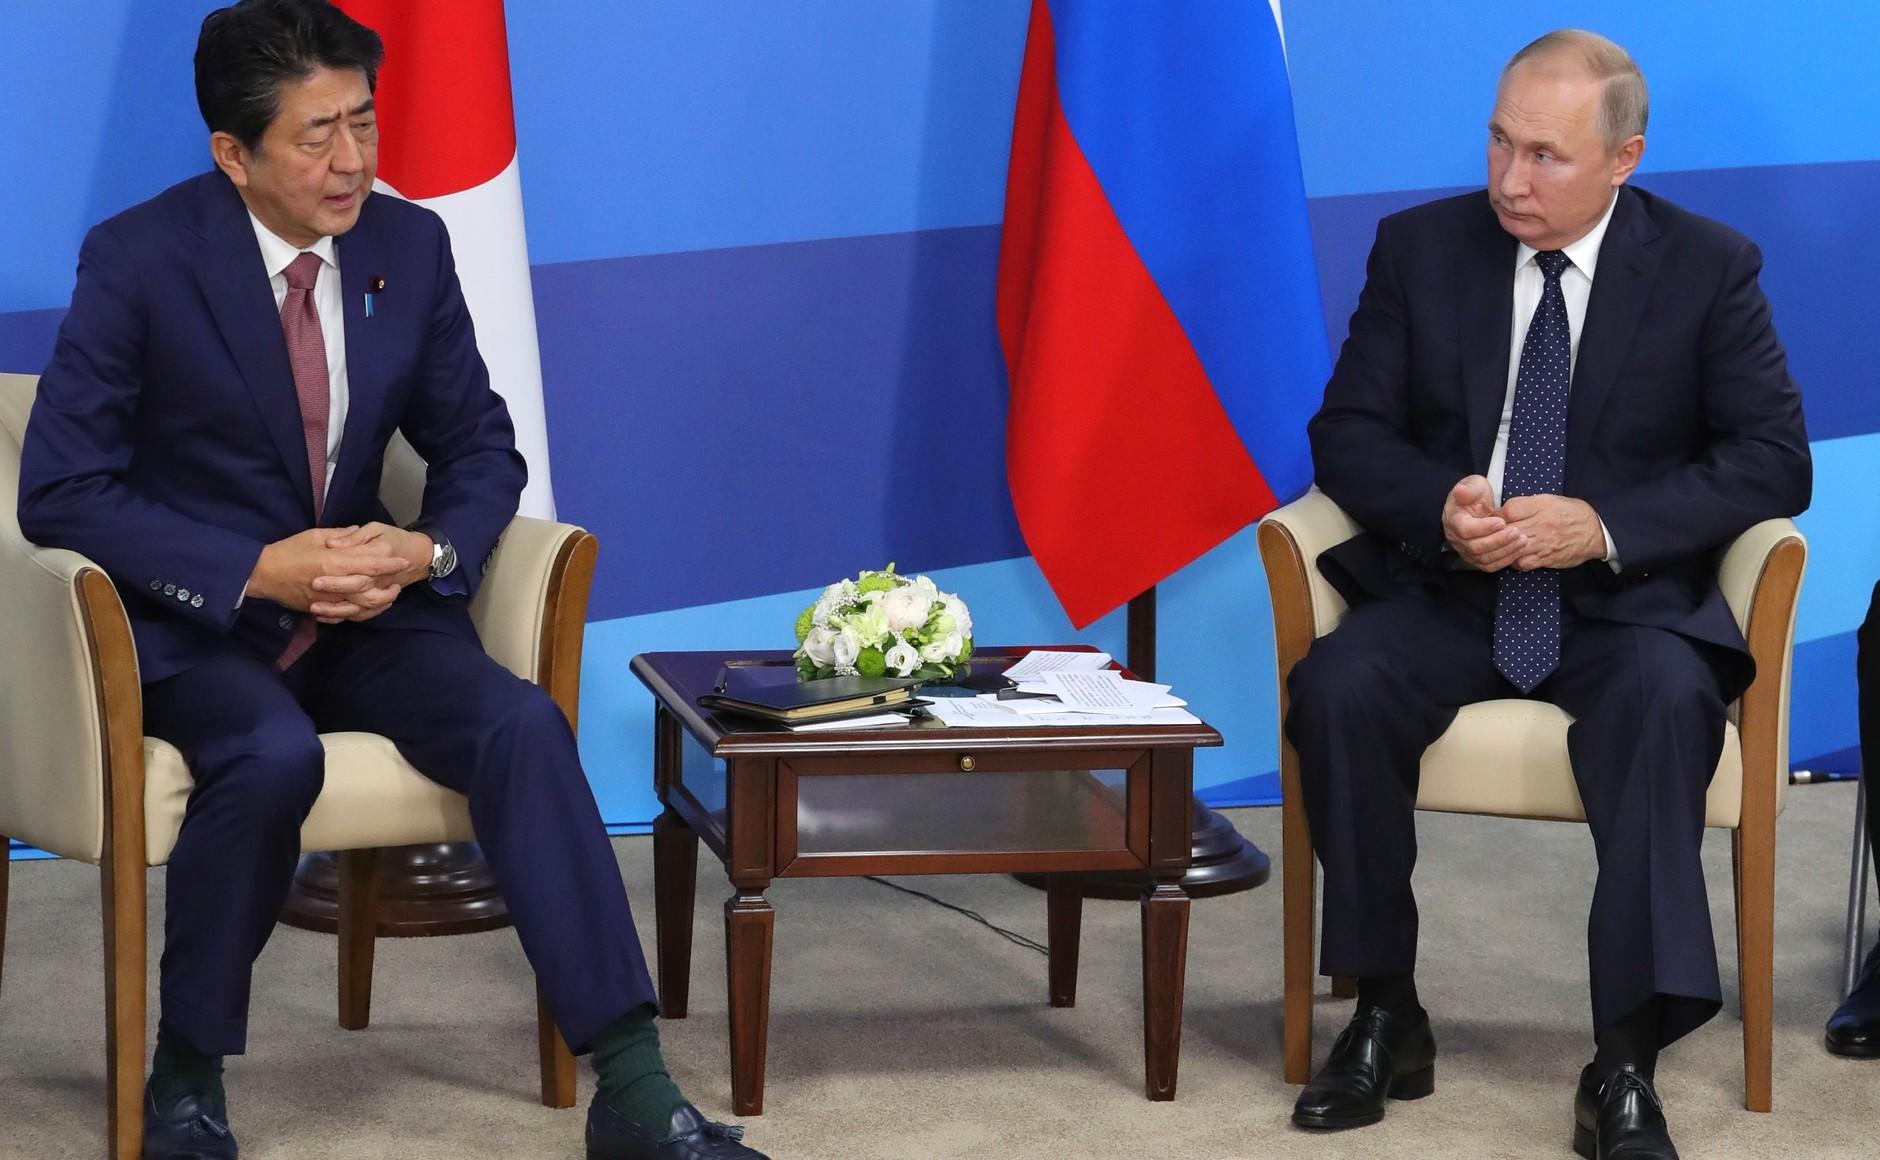 Встреча Владимира Путина с премьер-министром Японии Синдзо Абэ 5 сентября 2019 года на острове Русский